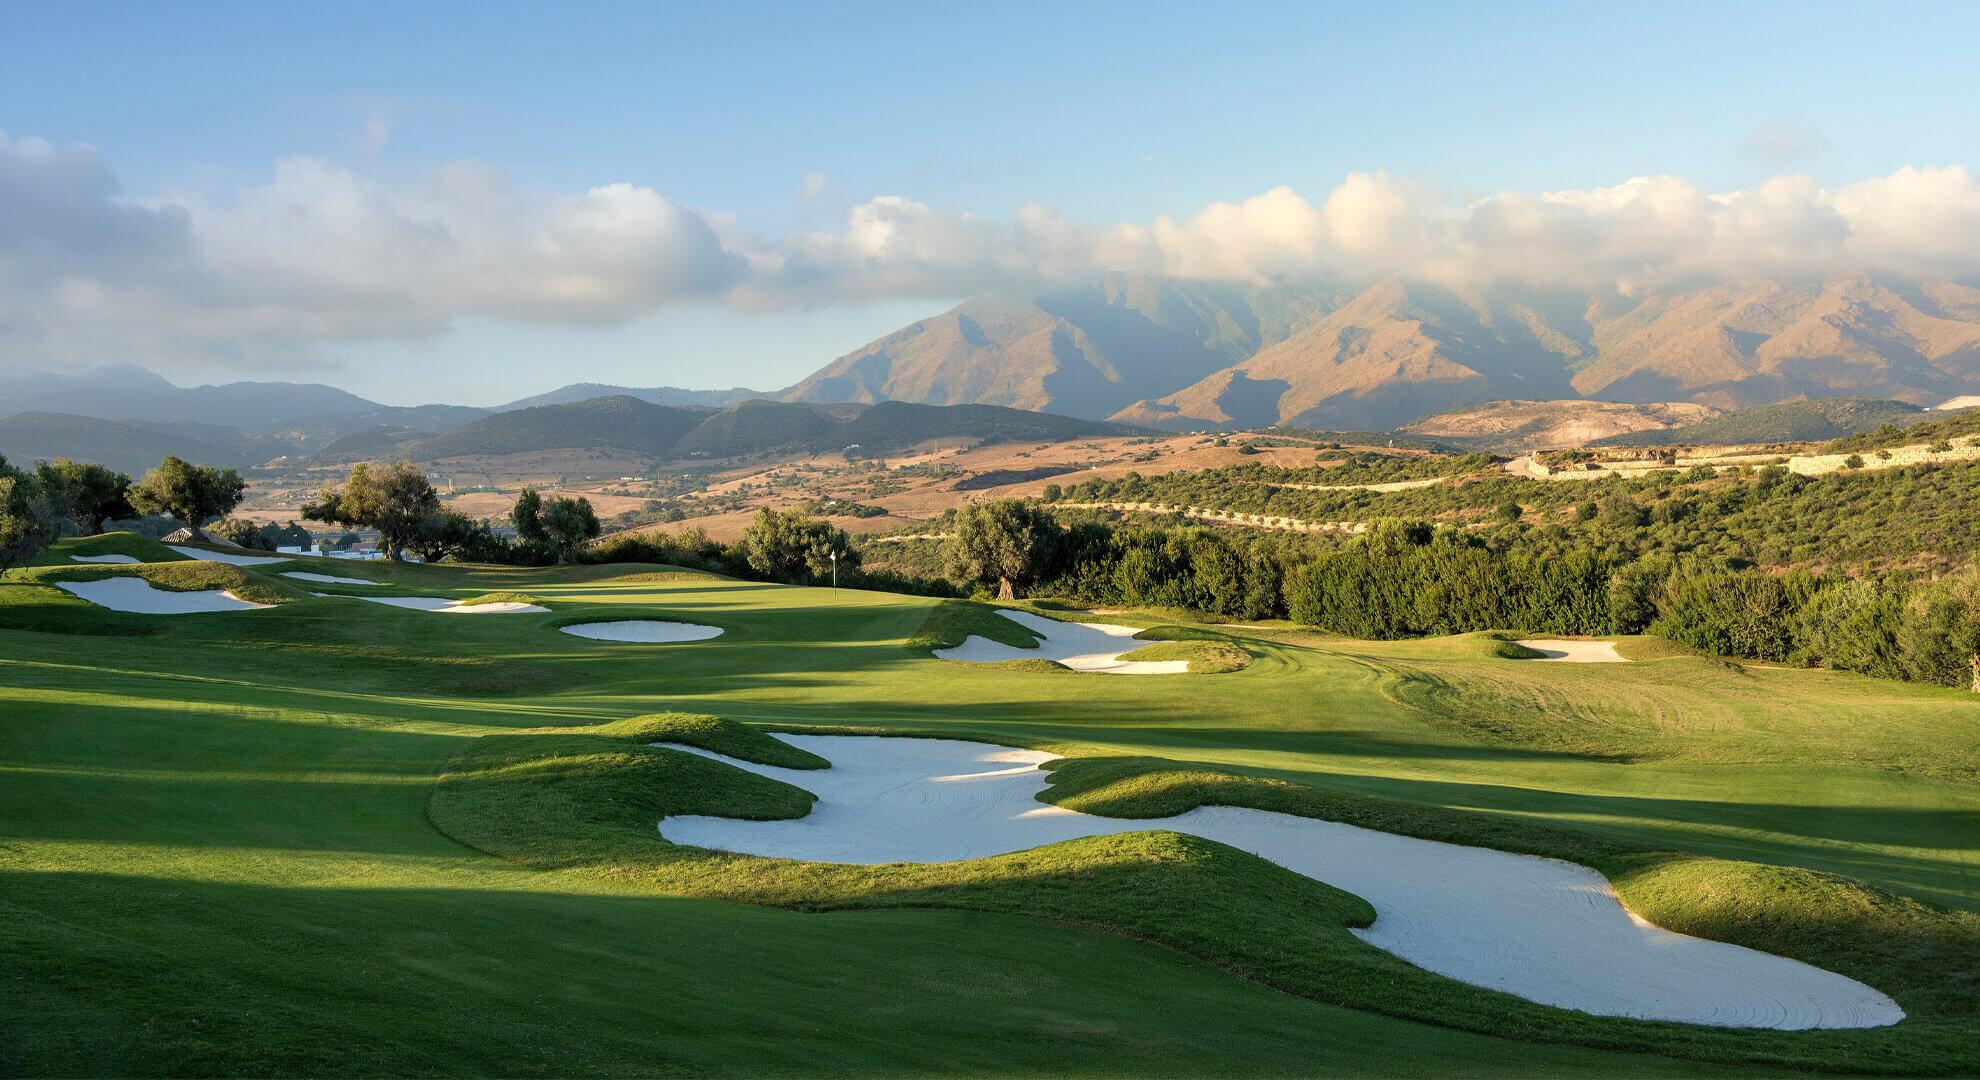 Finca Cortesin La Quinta Golf Course, Spain